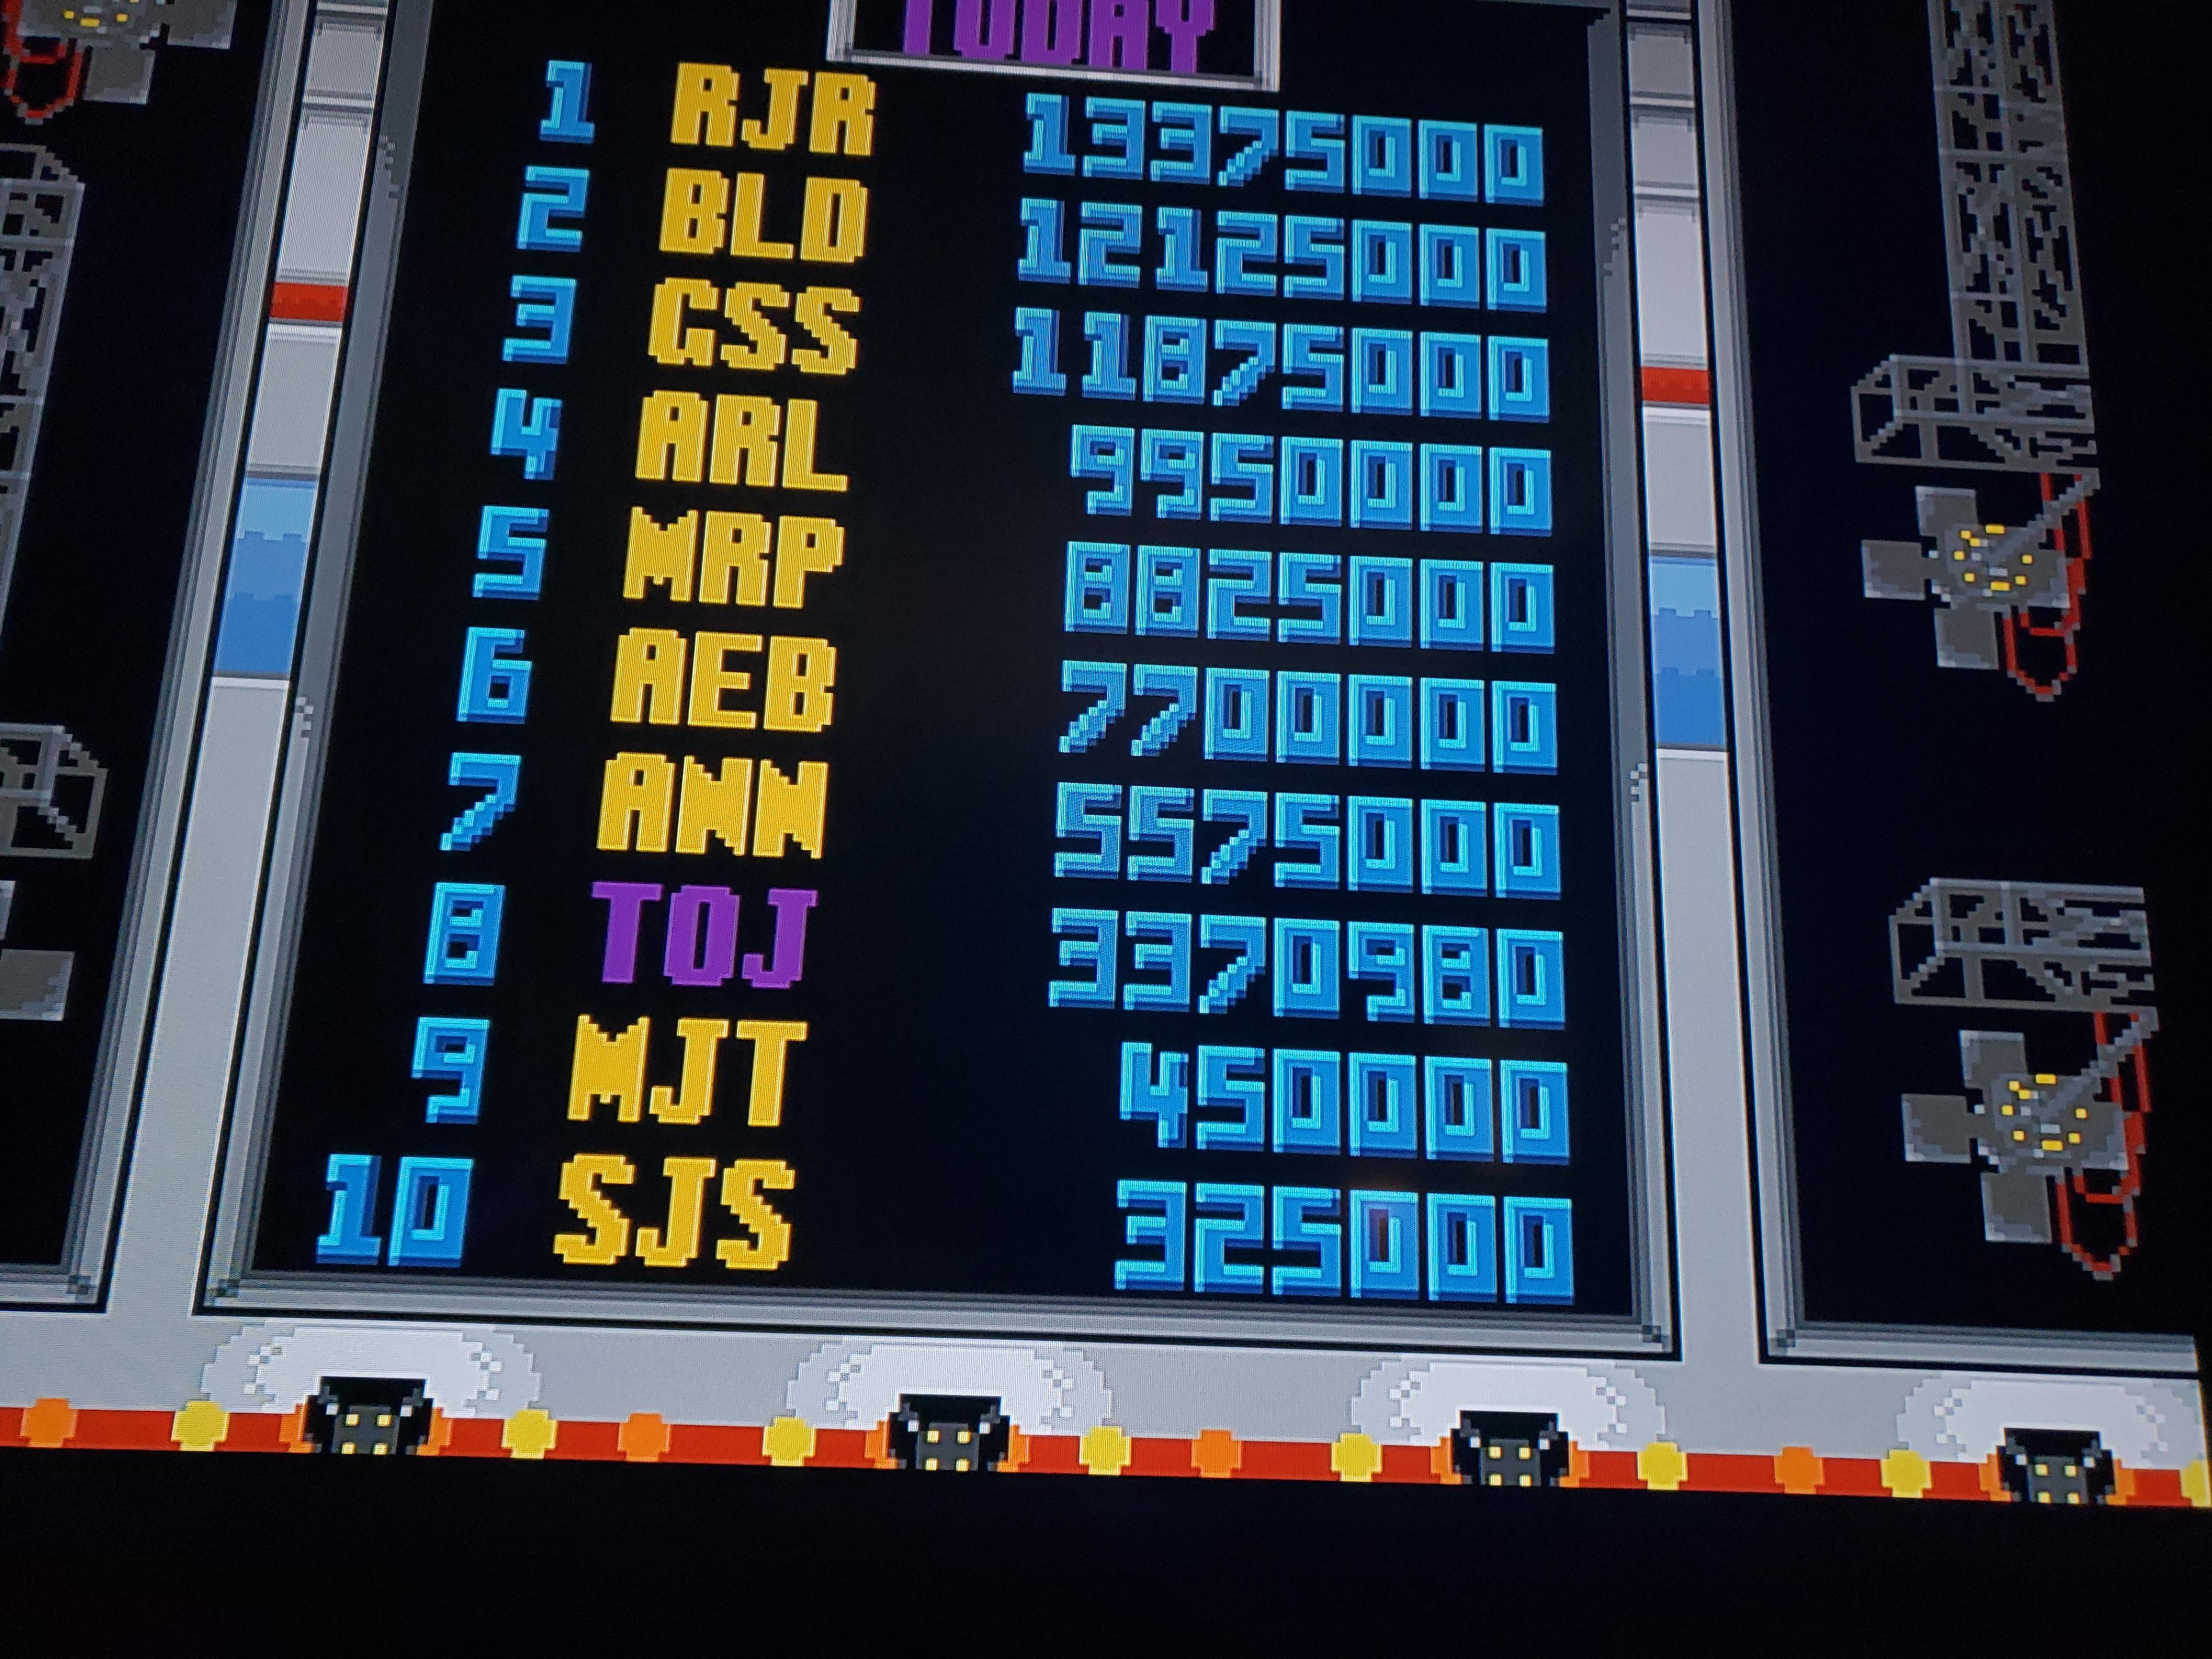 Stryker: Super Smash TV (SNES/Super Famicom) 3,370,980 points on 2019-01-02 16:44:53